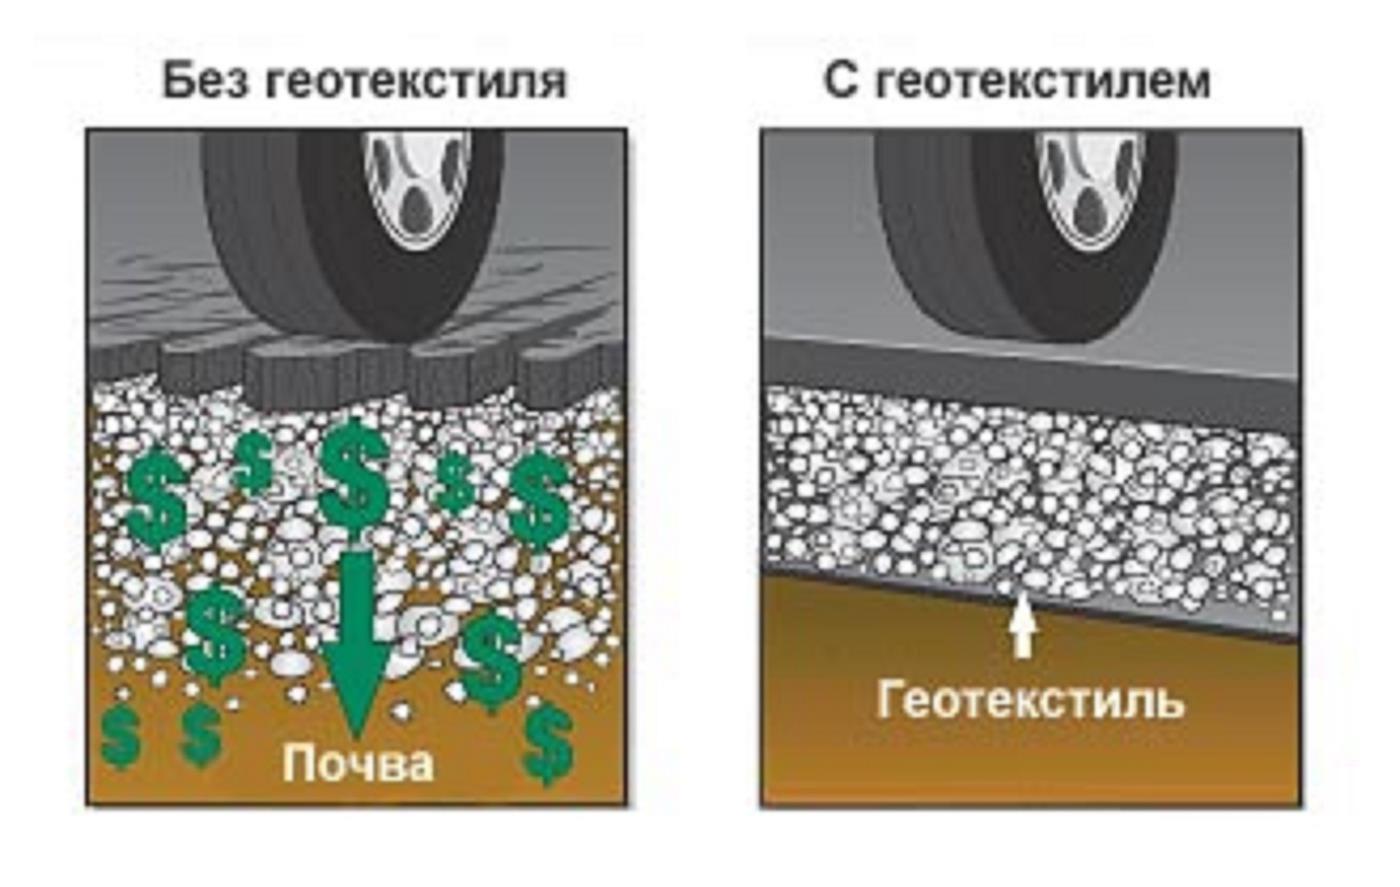 Геотекстиль - что это такое и как используется?